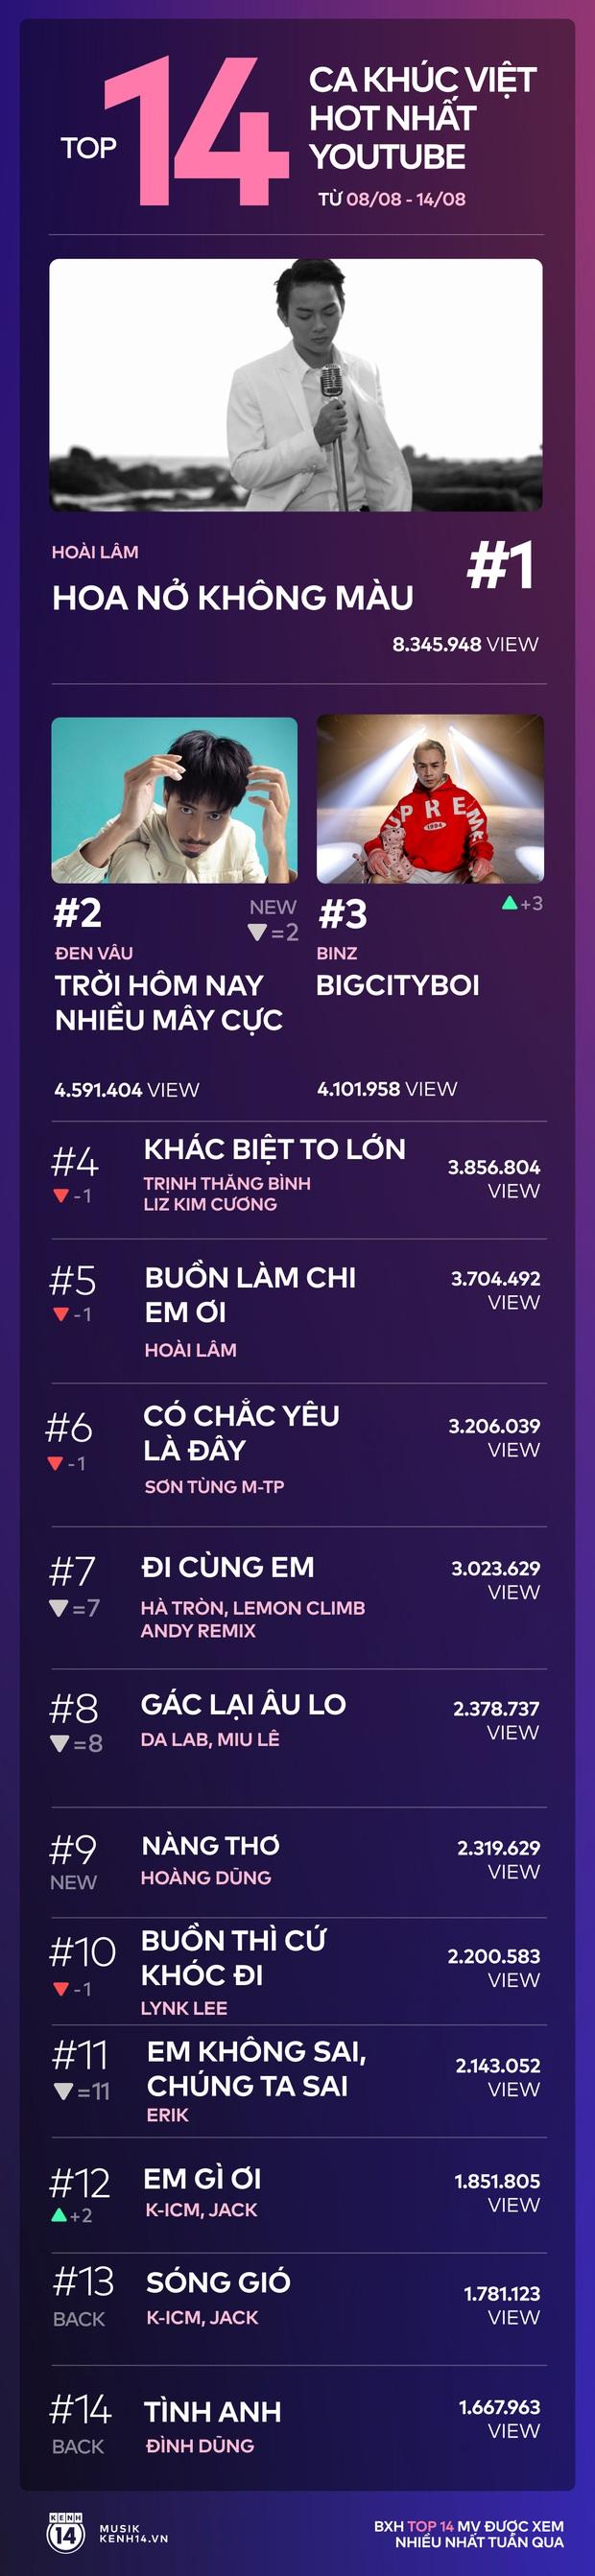 Nhờ độ nóng Rap Việt, Binz bứt phá lên vị trí thứ 3, Hoài Lâm và Đen Vâu yên vị dẫn đầu trong 14 ca khúc Việt hot nhất YouTube tuần qua - Ảnh 13.